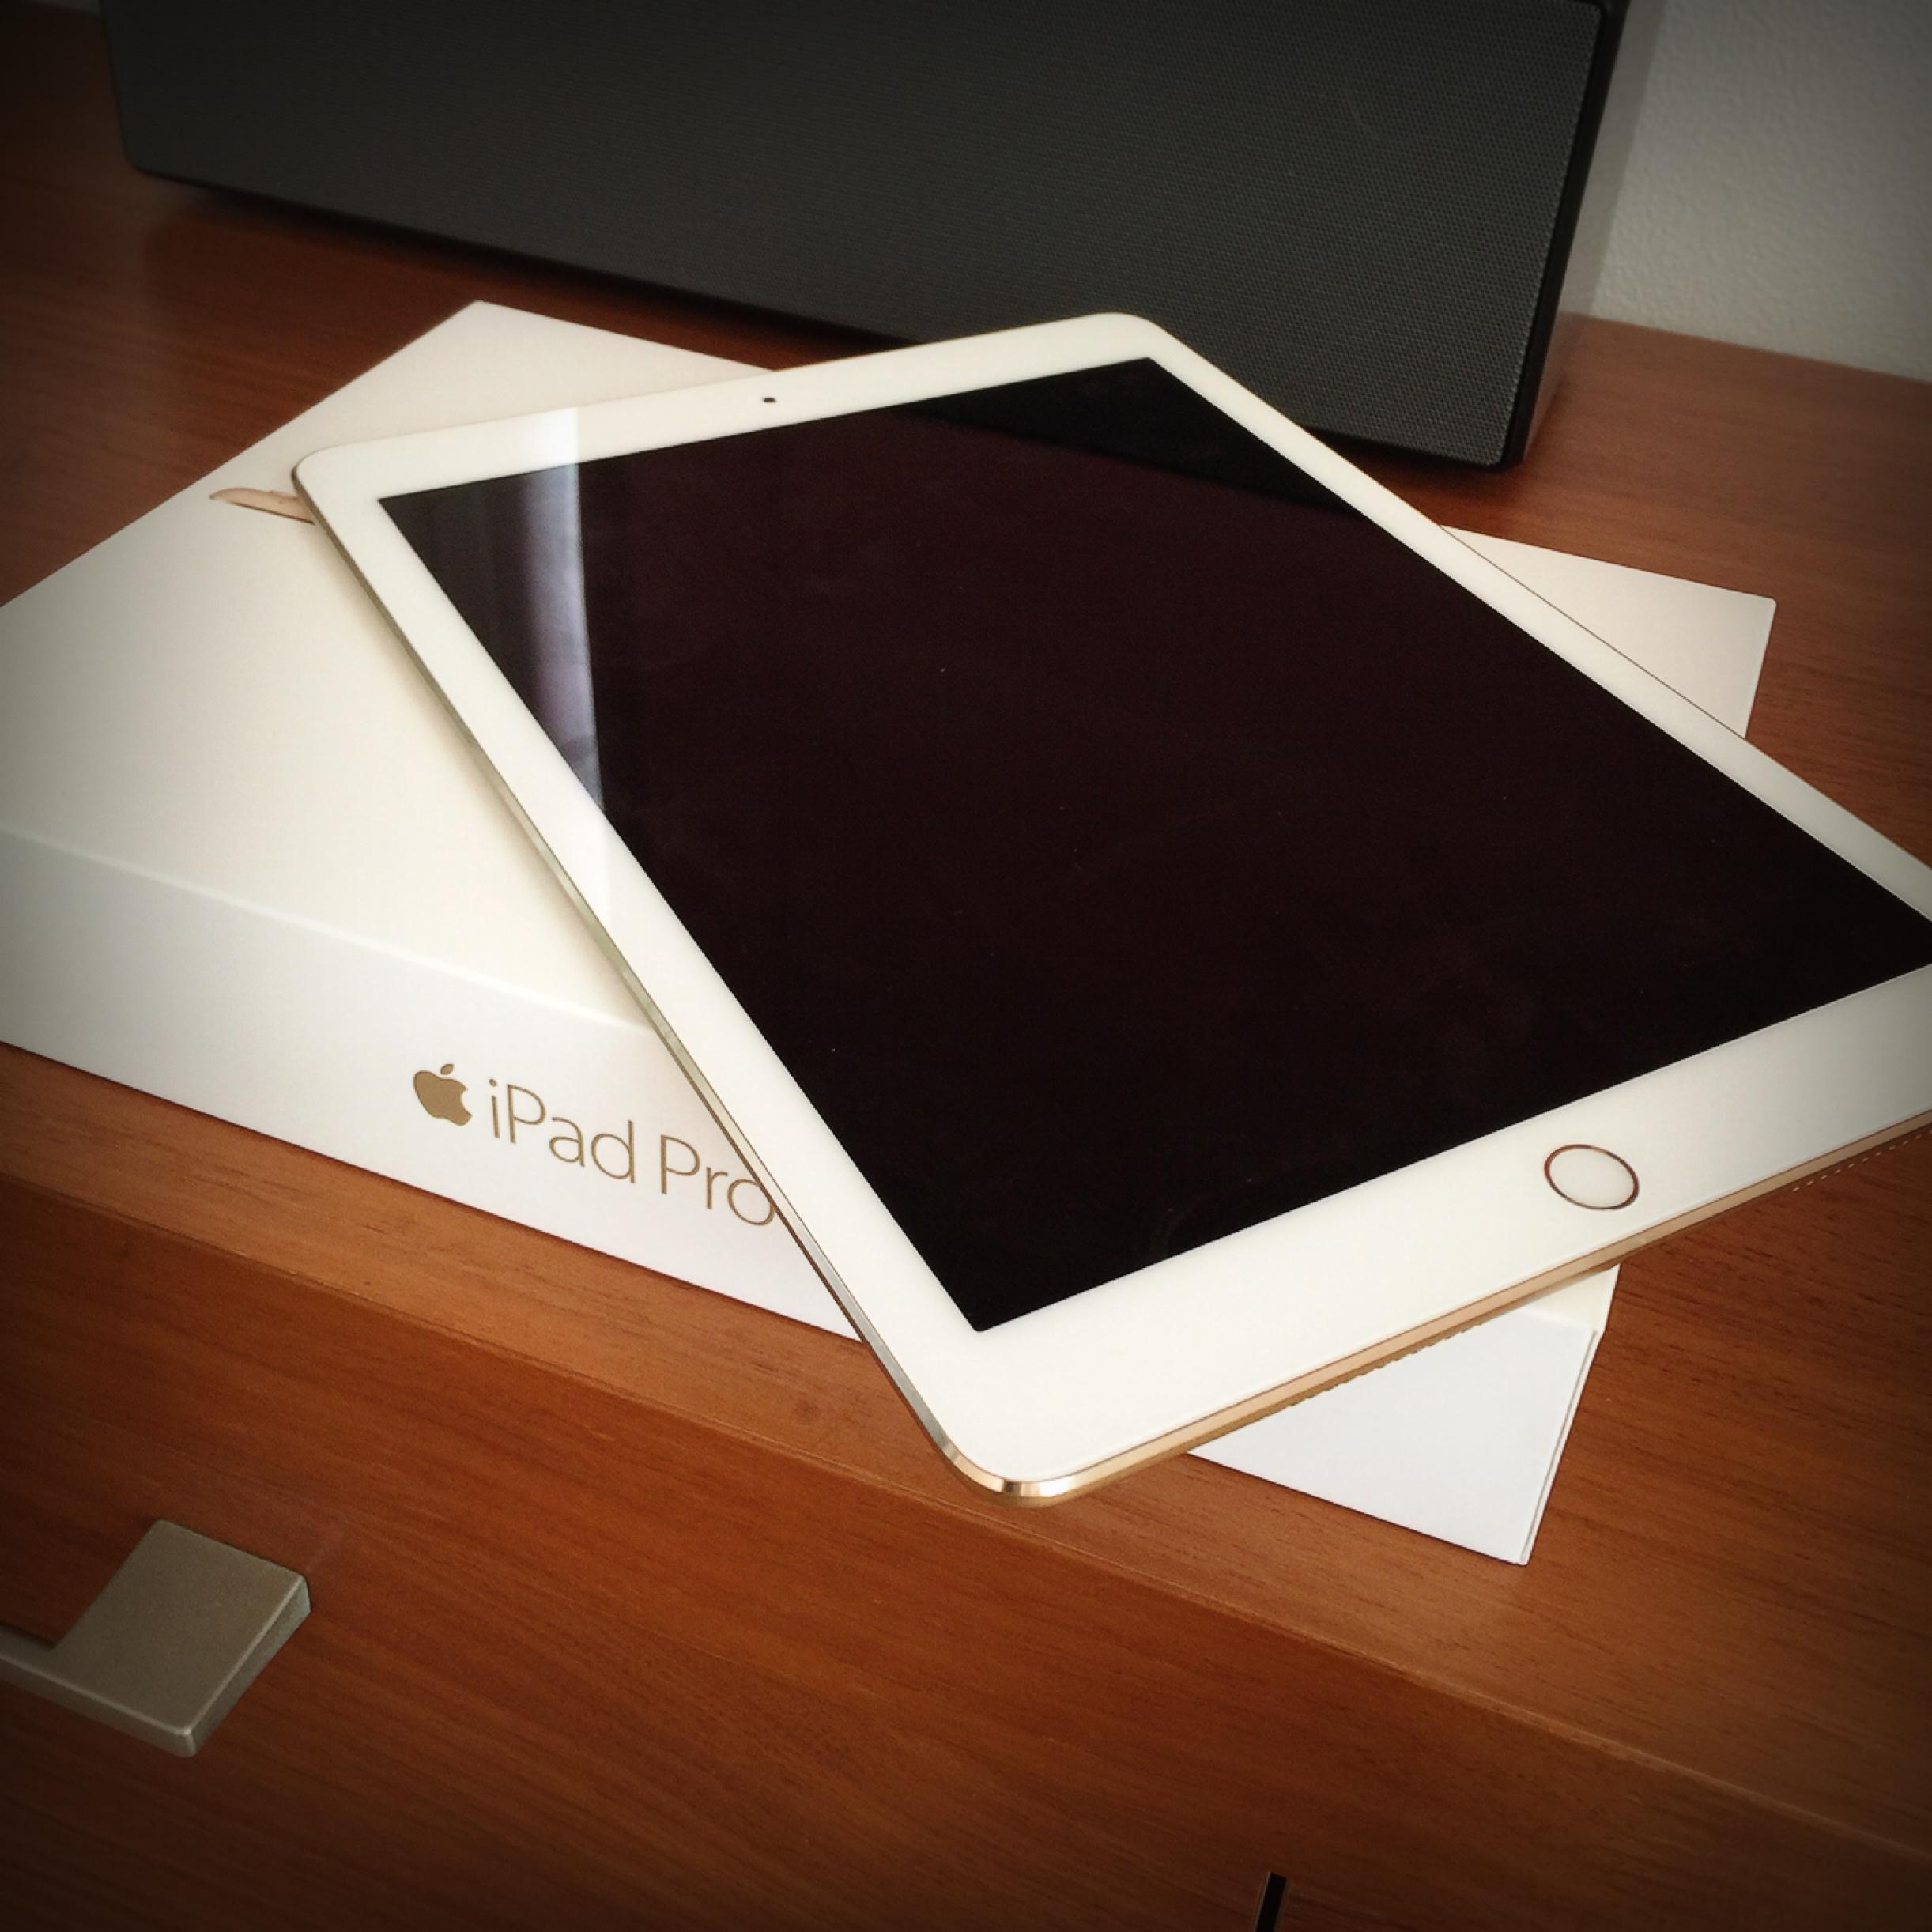 ふるさと納税で、iPad Pro ♡_1_1